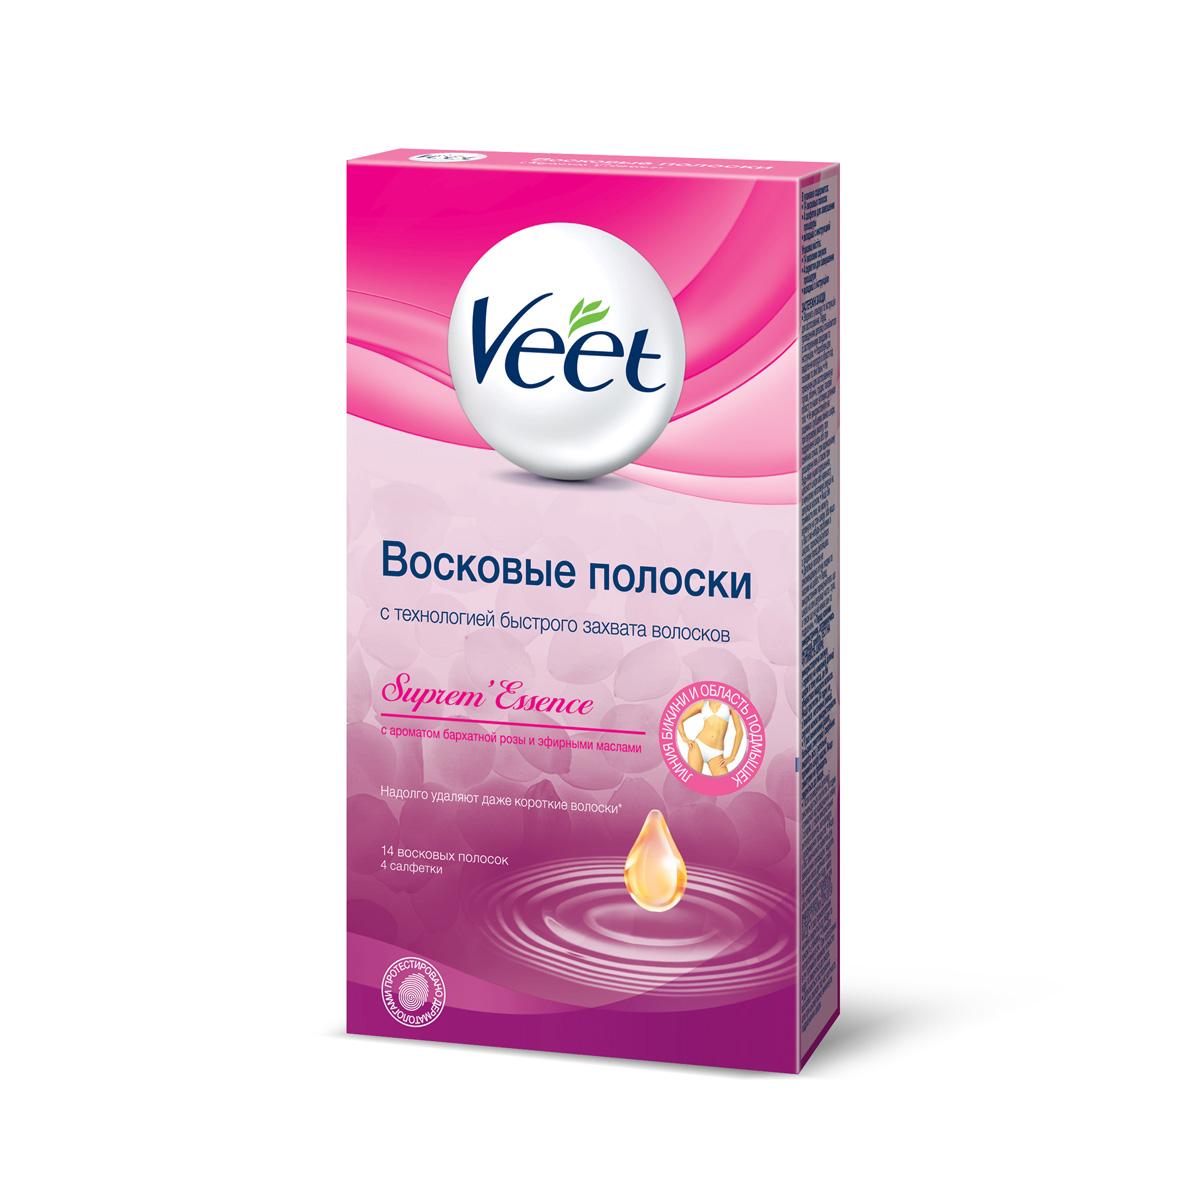 Veet Восковые полоски для чувствительных участков тела с ароматом бархатной розы и эфирными маслами, 14 шт, 4 салфетки